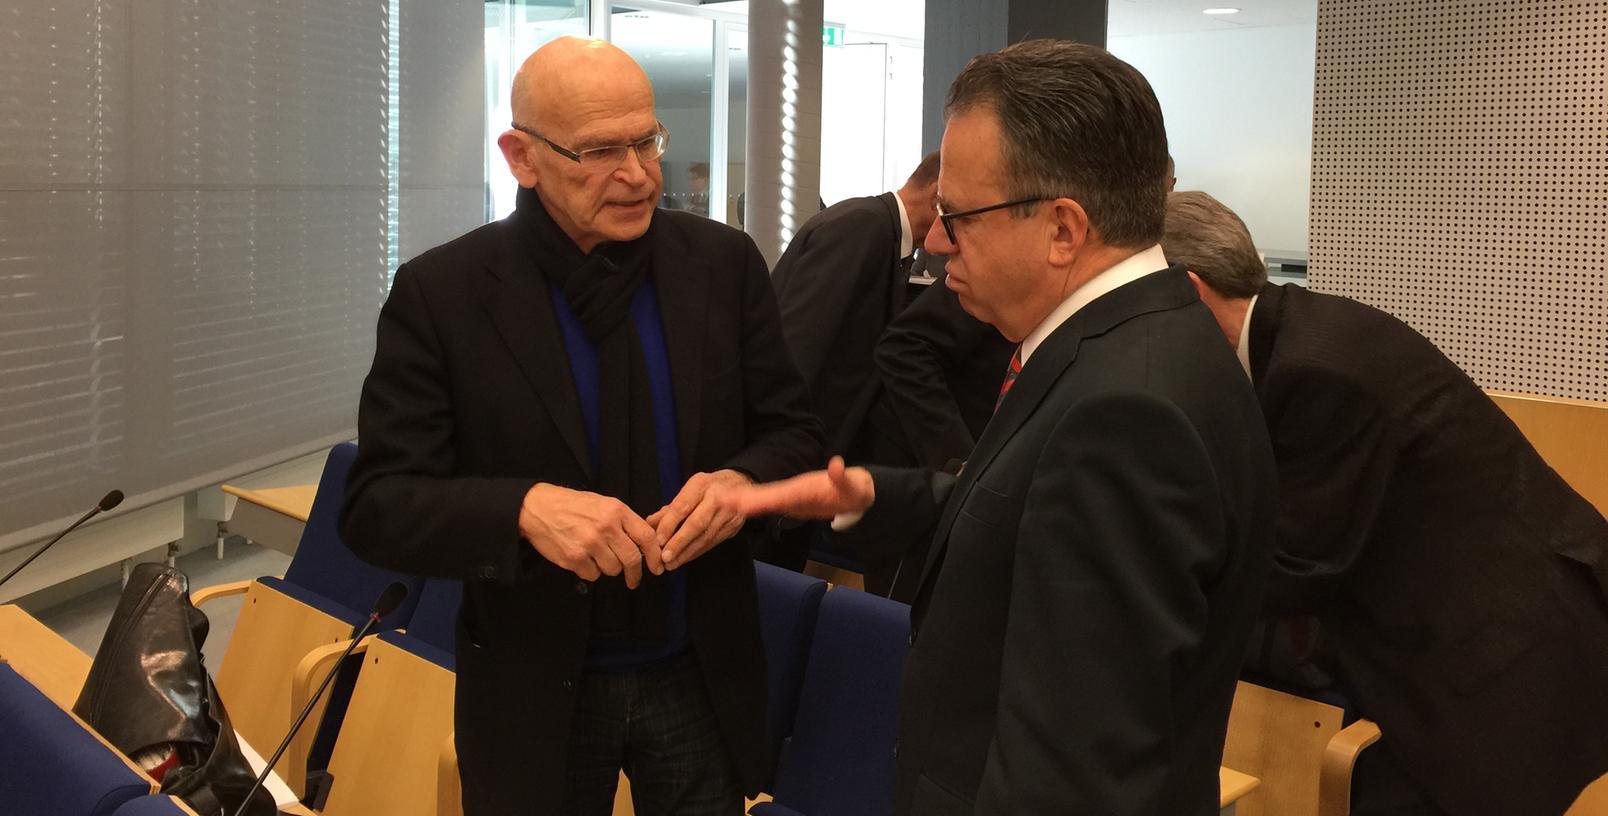 Prominenter Besuch in der Bundesagentur für Arbeit: Enthüllungsjournalist Günter Wallraff schaute bei der Pressekonferenz vorbei.